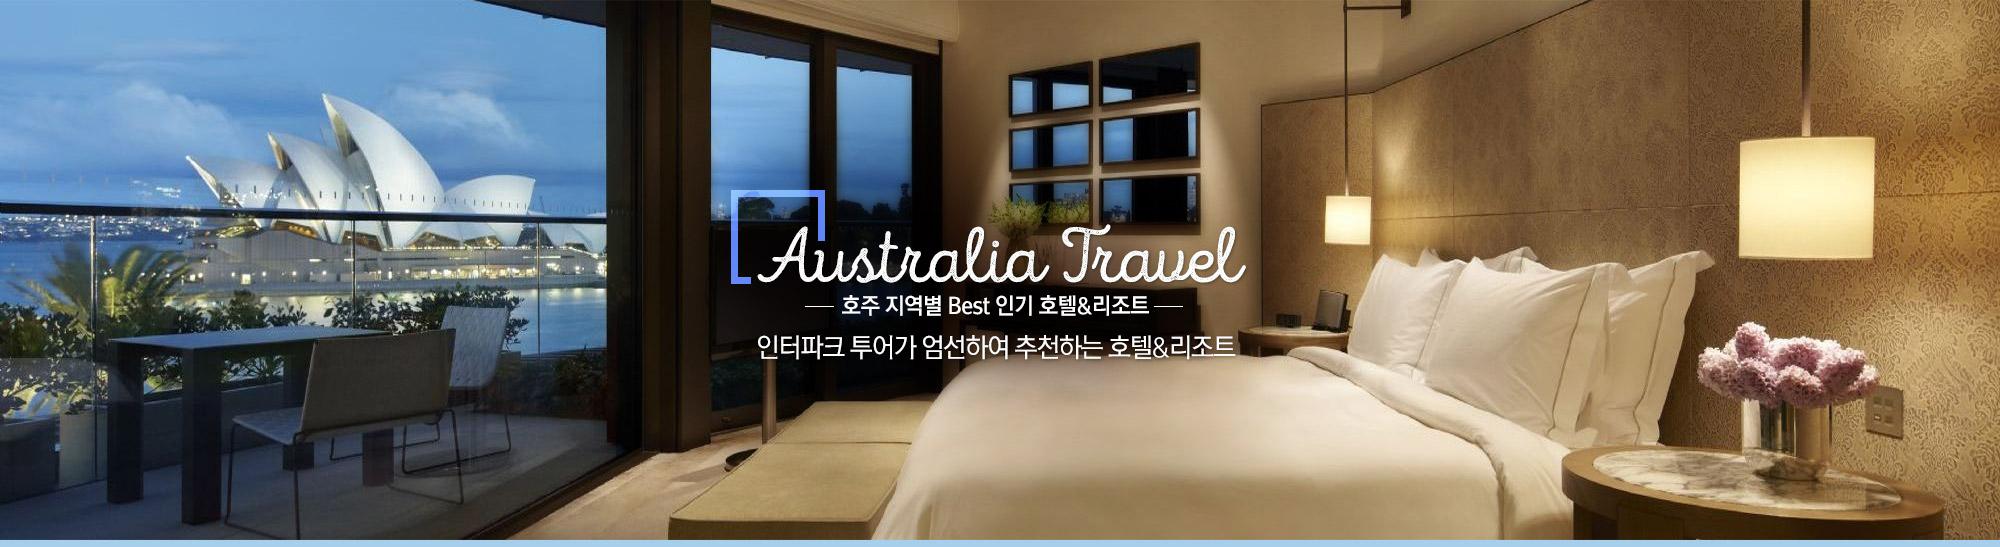 호주 지역별 BEST 인기 호텔 & 리조트, 인터파크 투어가 엄선하여 추천하는 호텔 & 리조트!